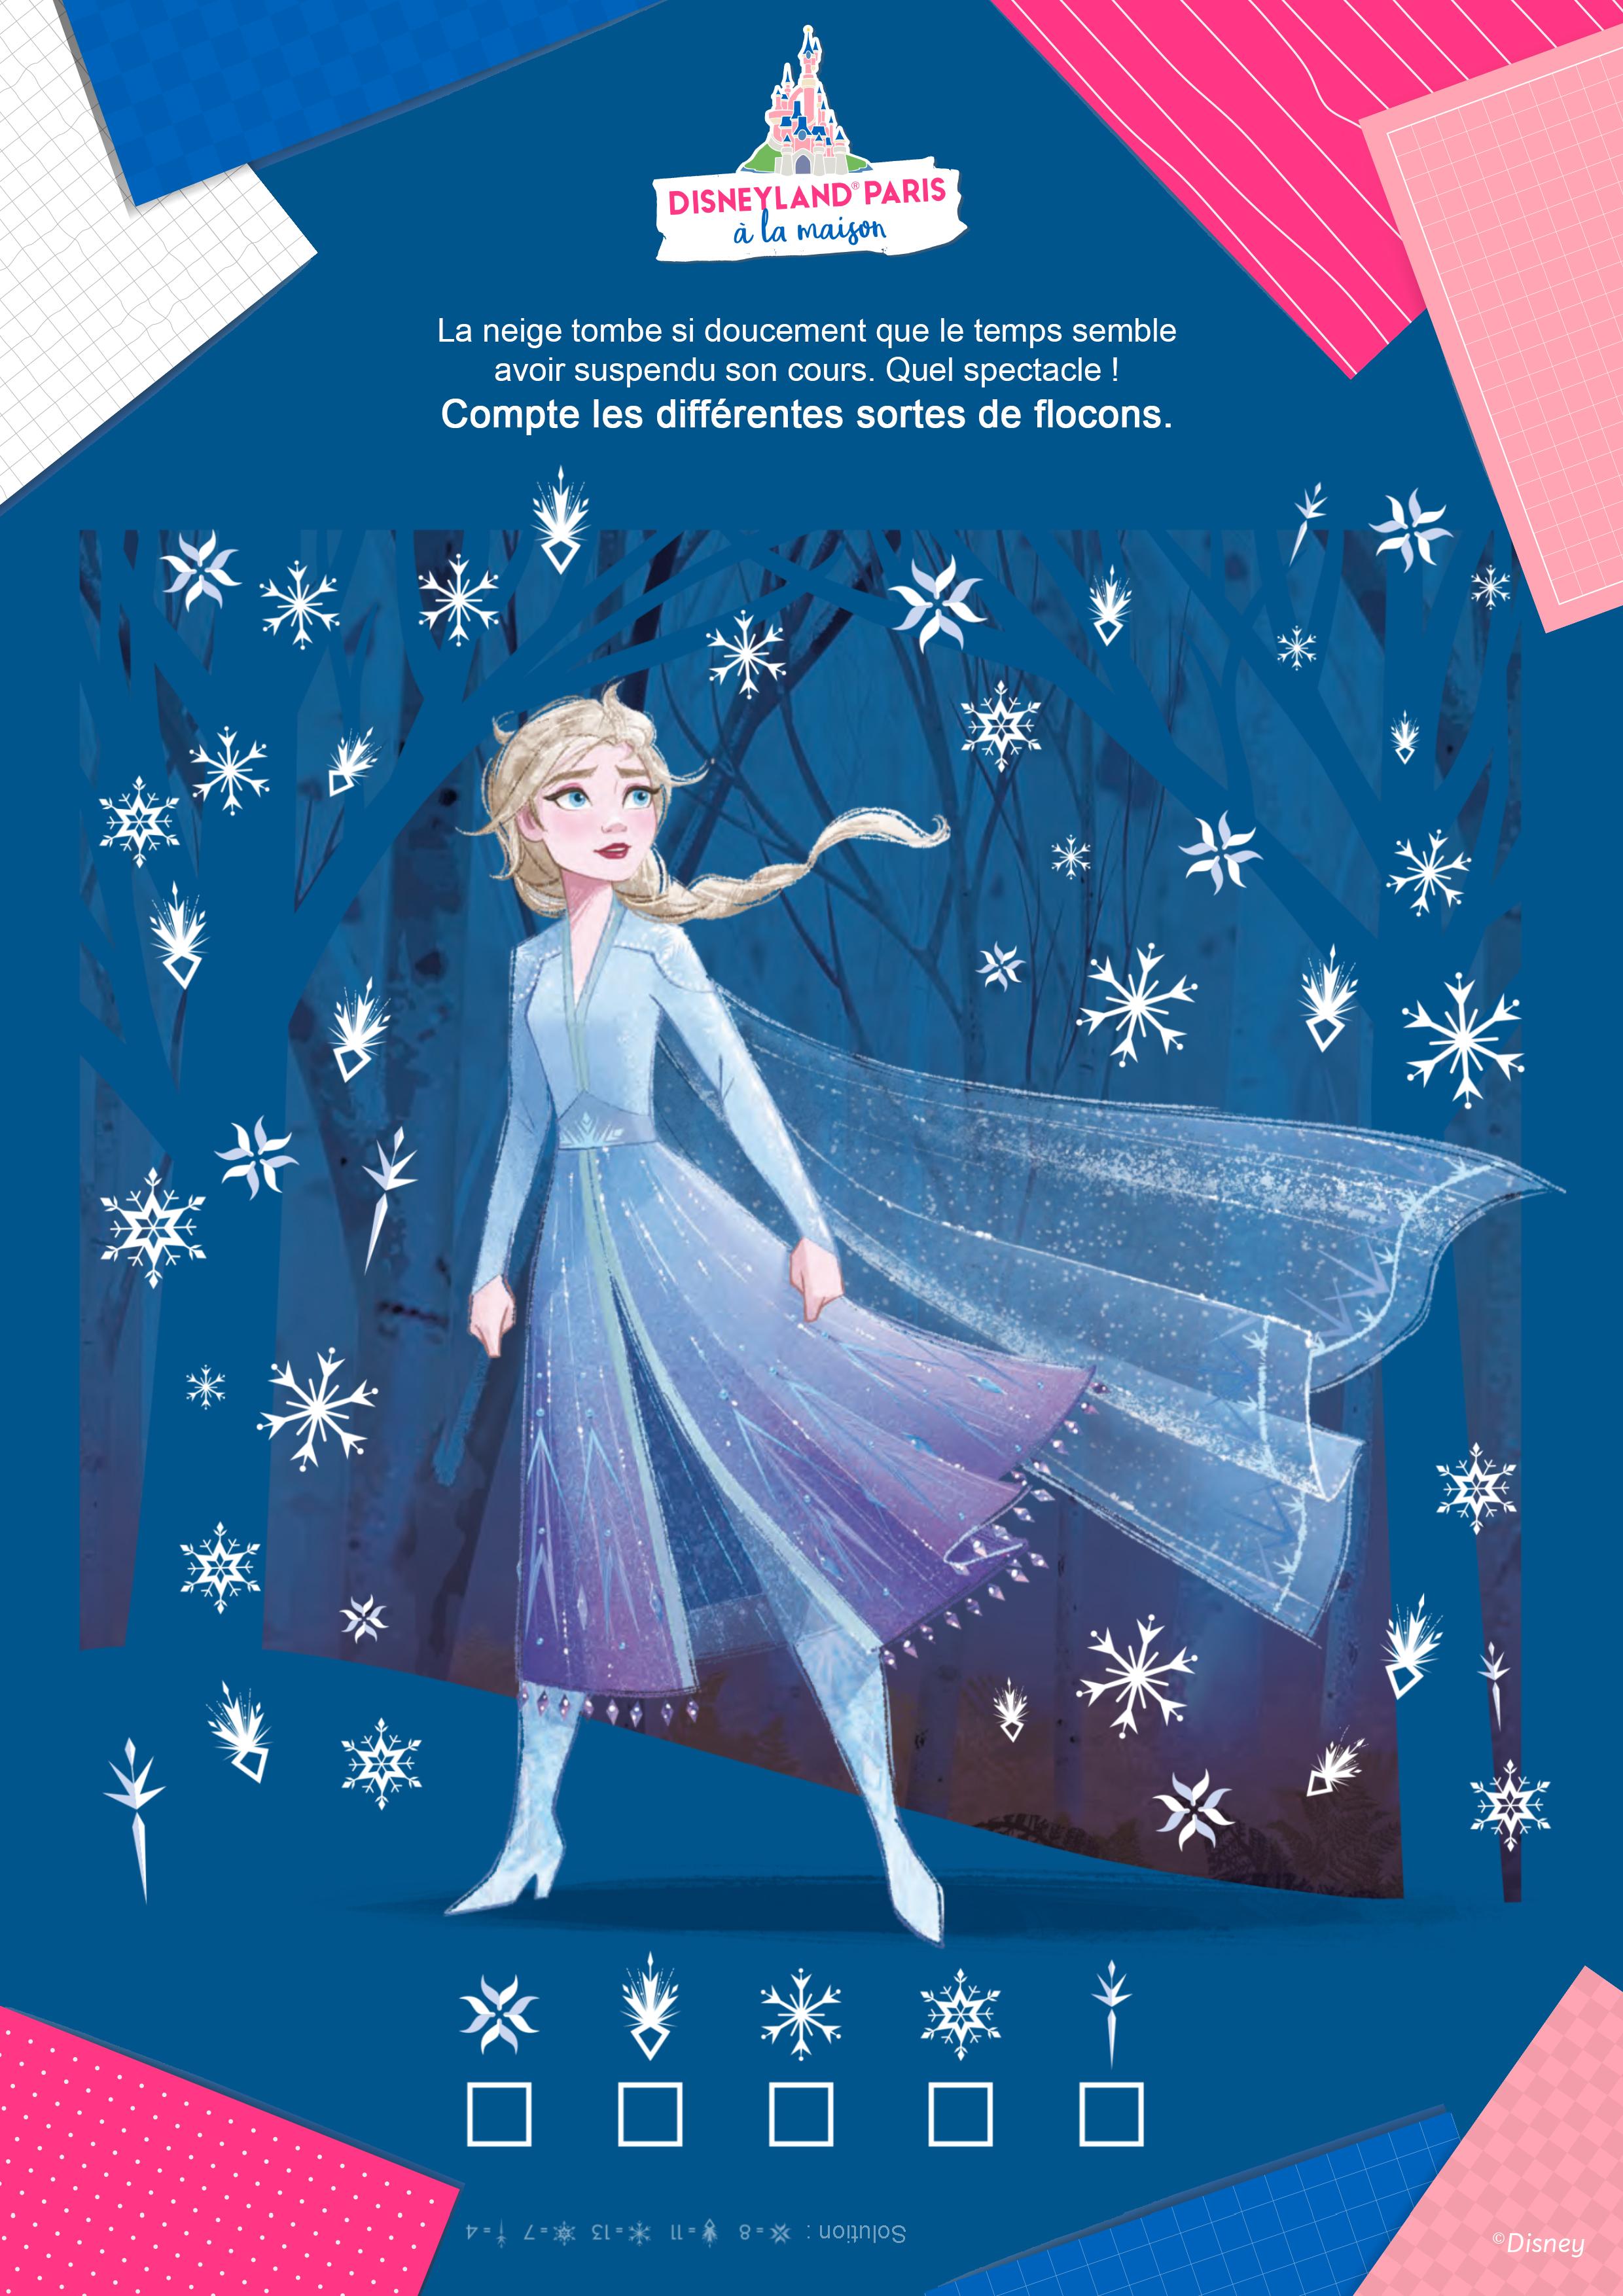 Compte les flocons avec Elsa